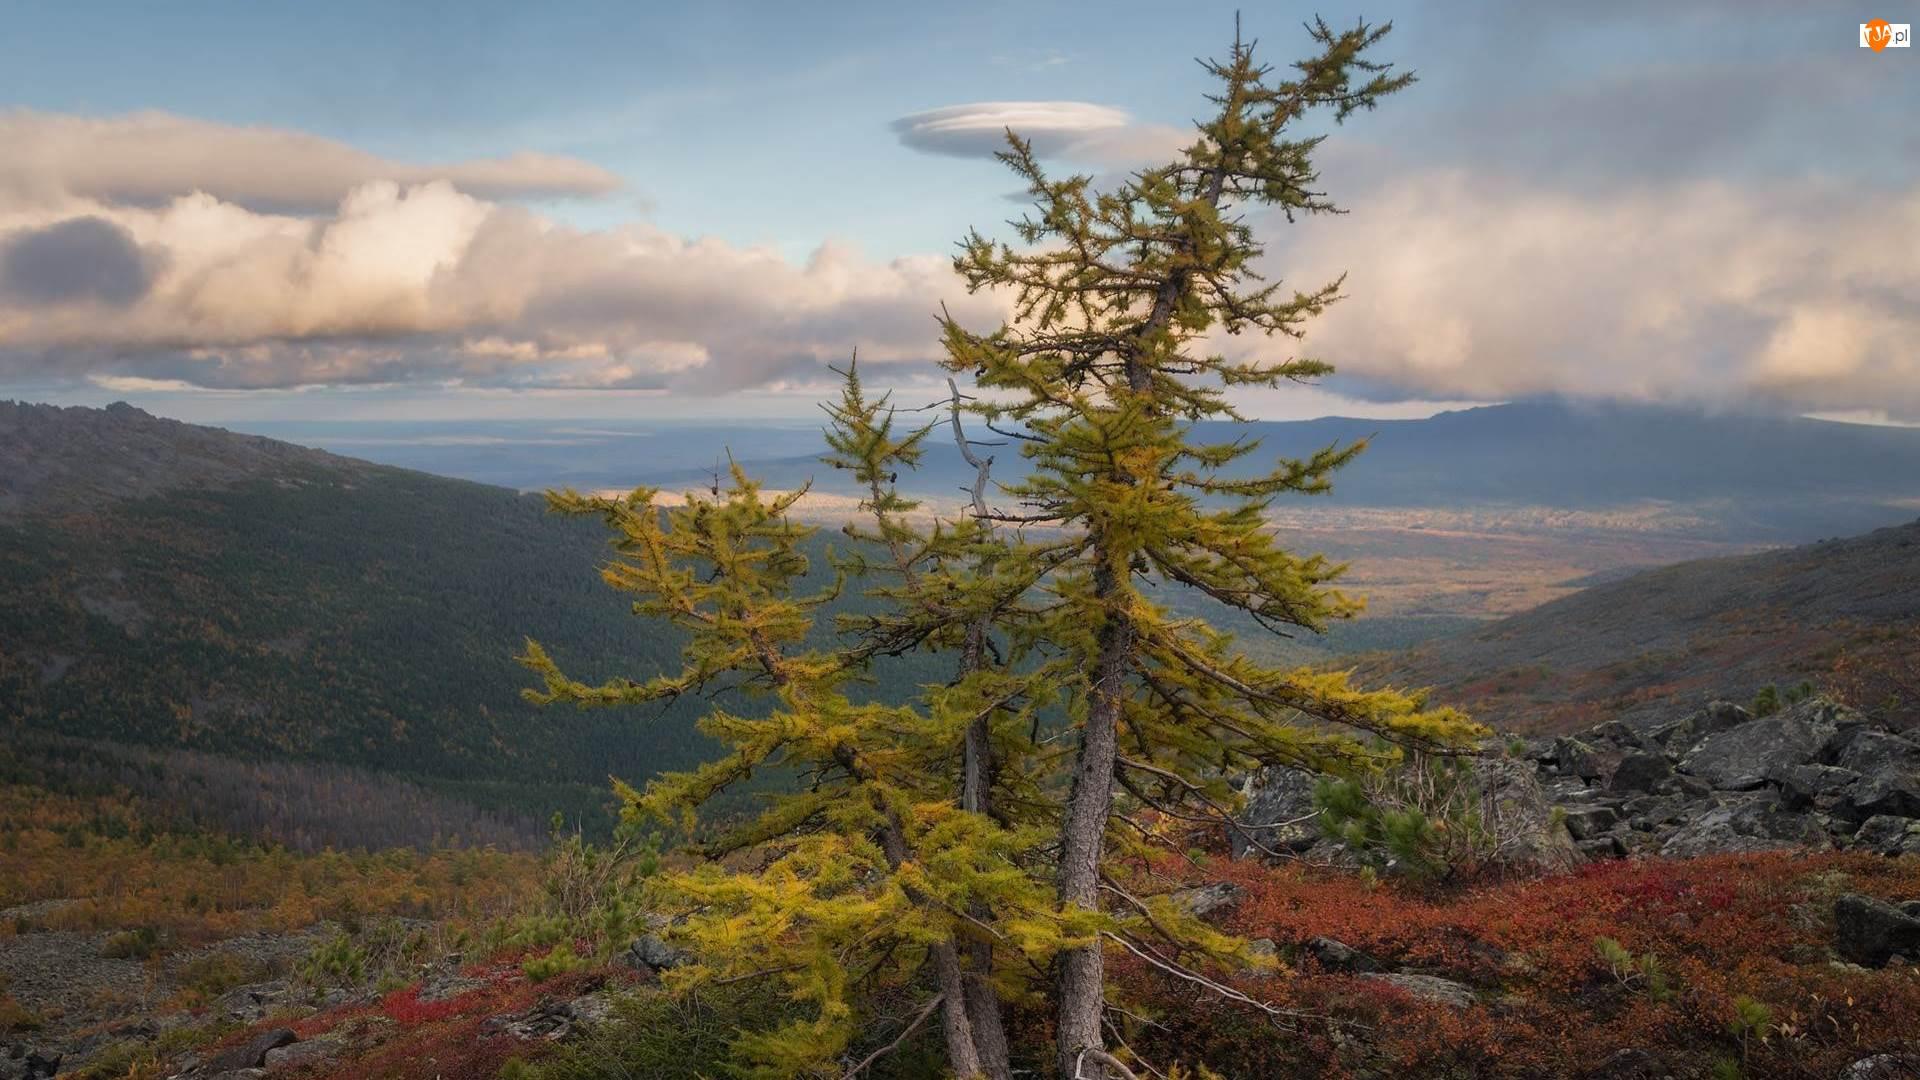 Drzewo, Krzewy, Góry, Jesień, Modrzew